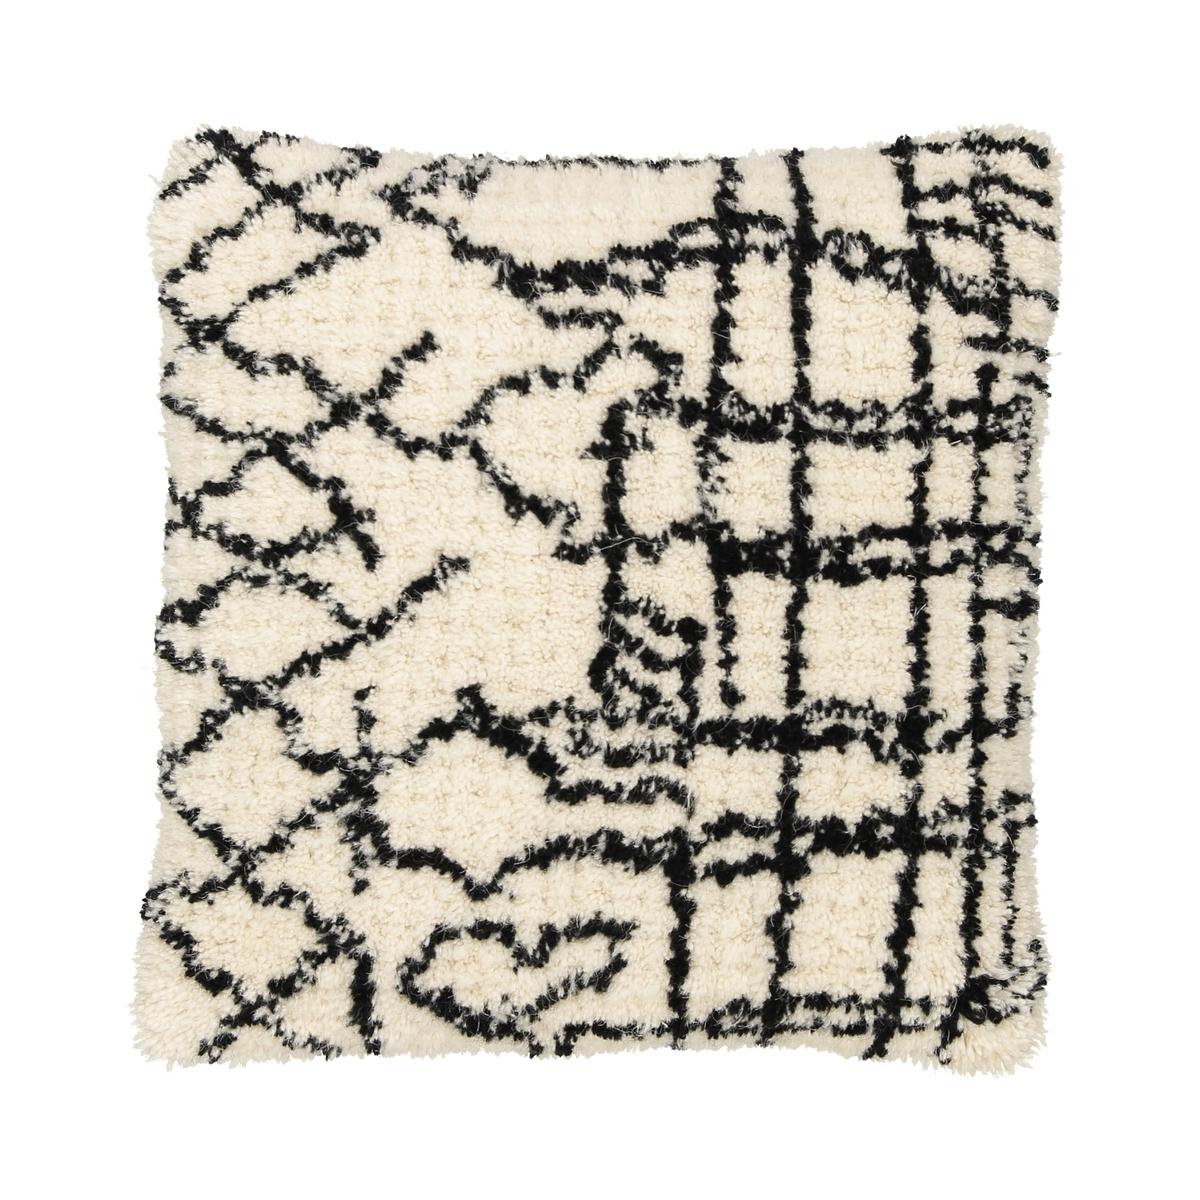 Чехол на подушку-валик в берберском стиле, Noraan ковер в берберском стиле из шерсти tekouma